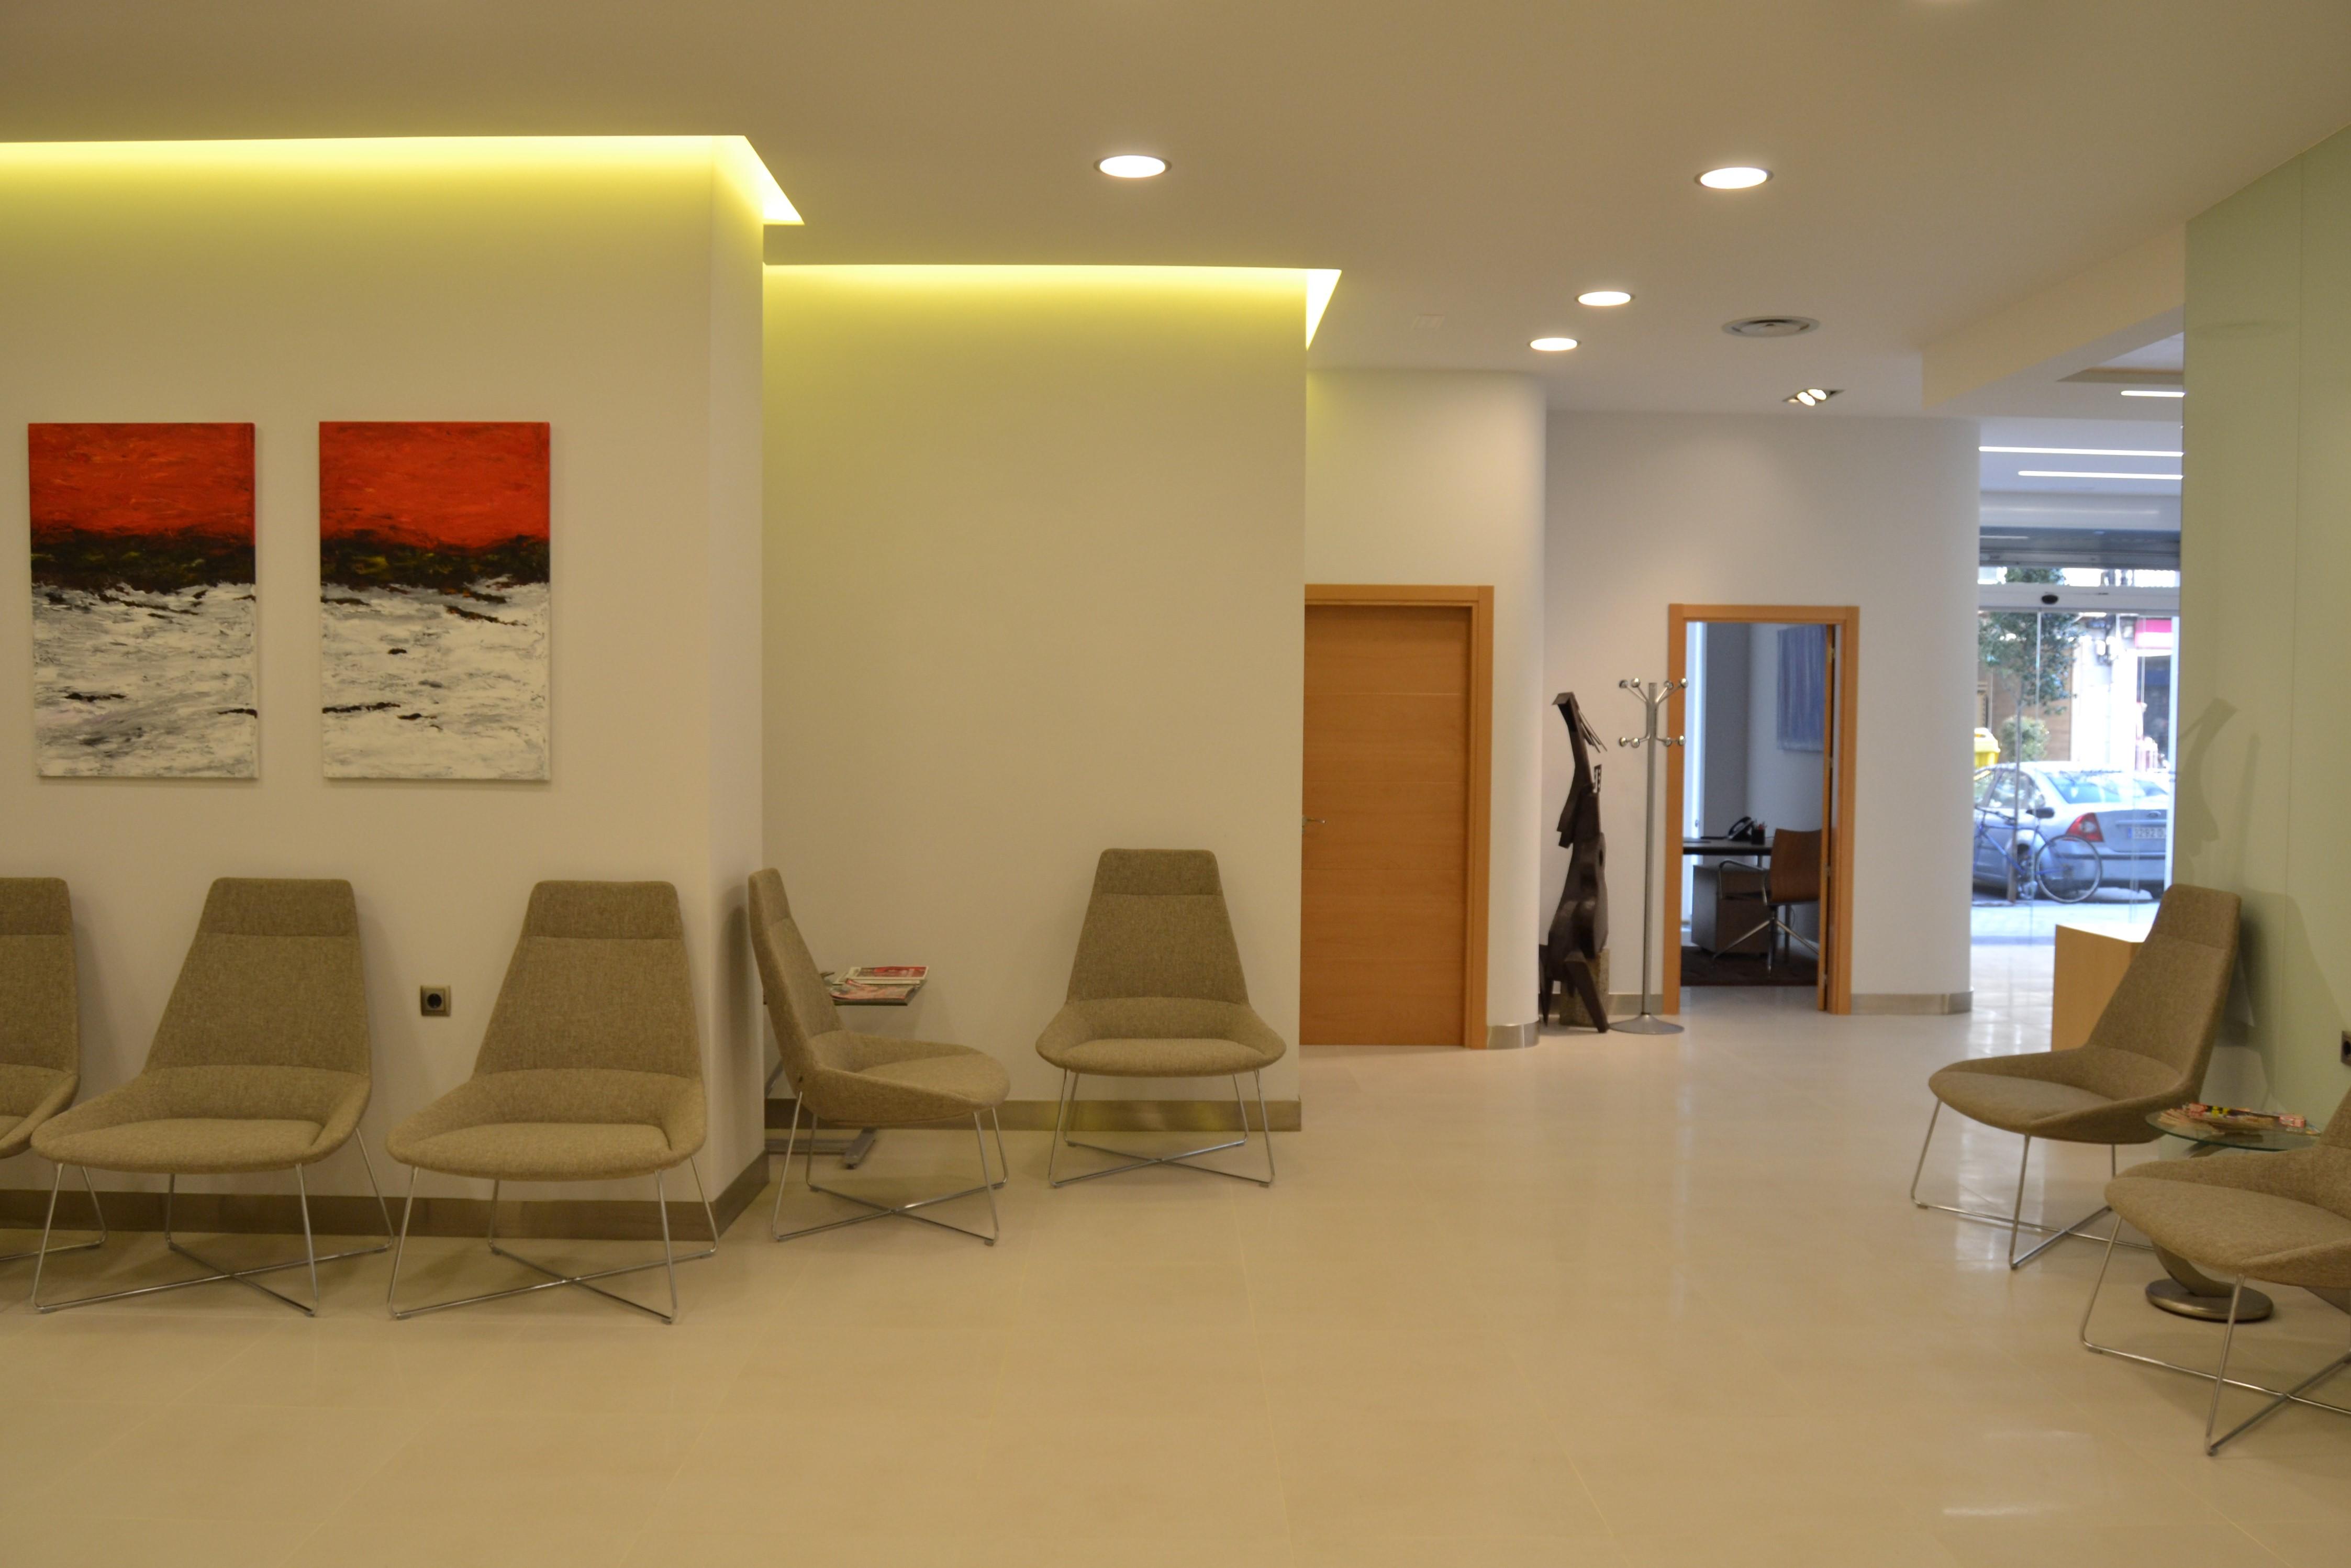 Sala de espera 1-2